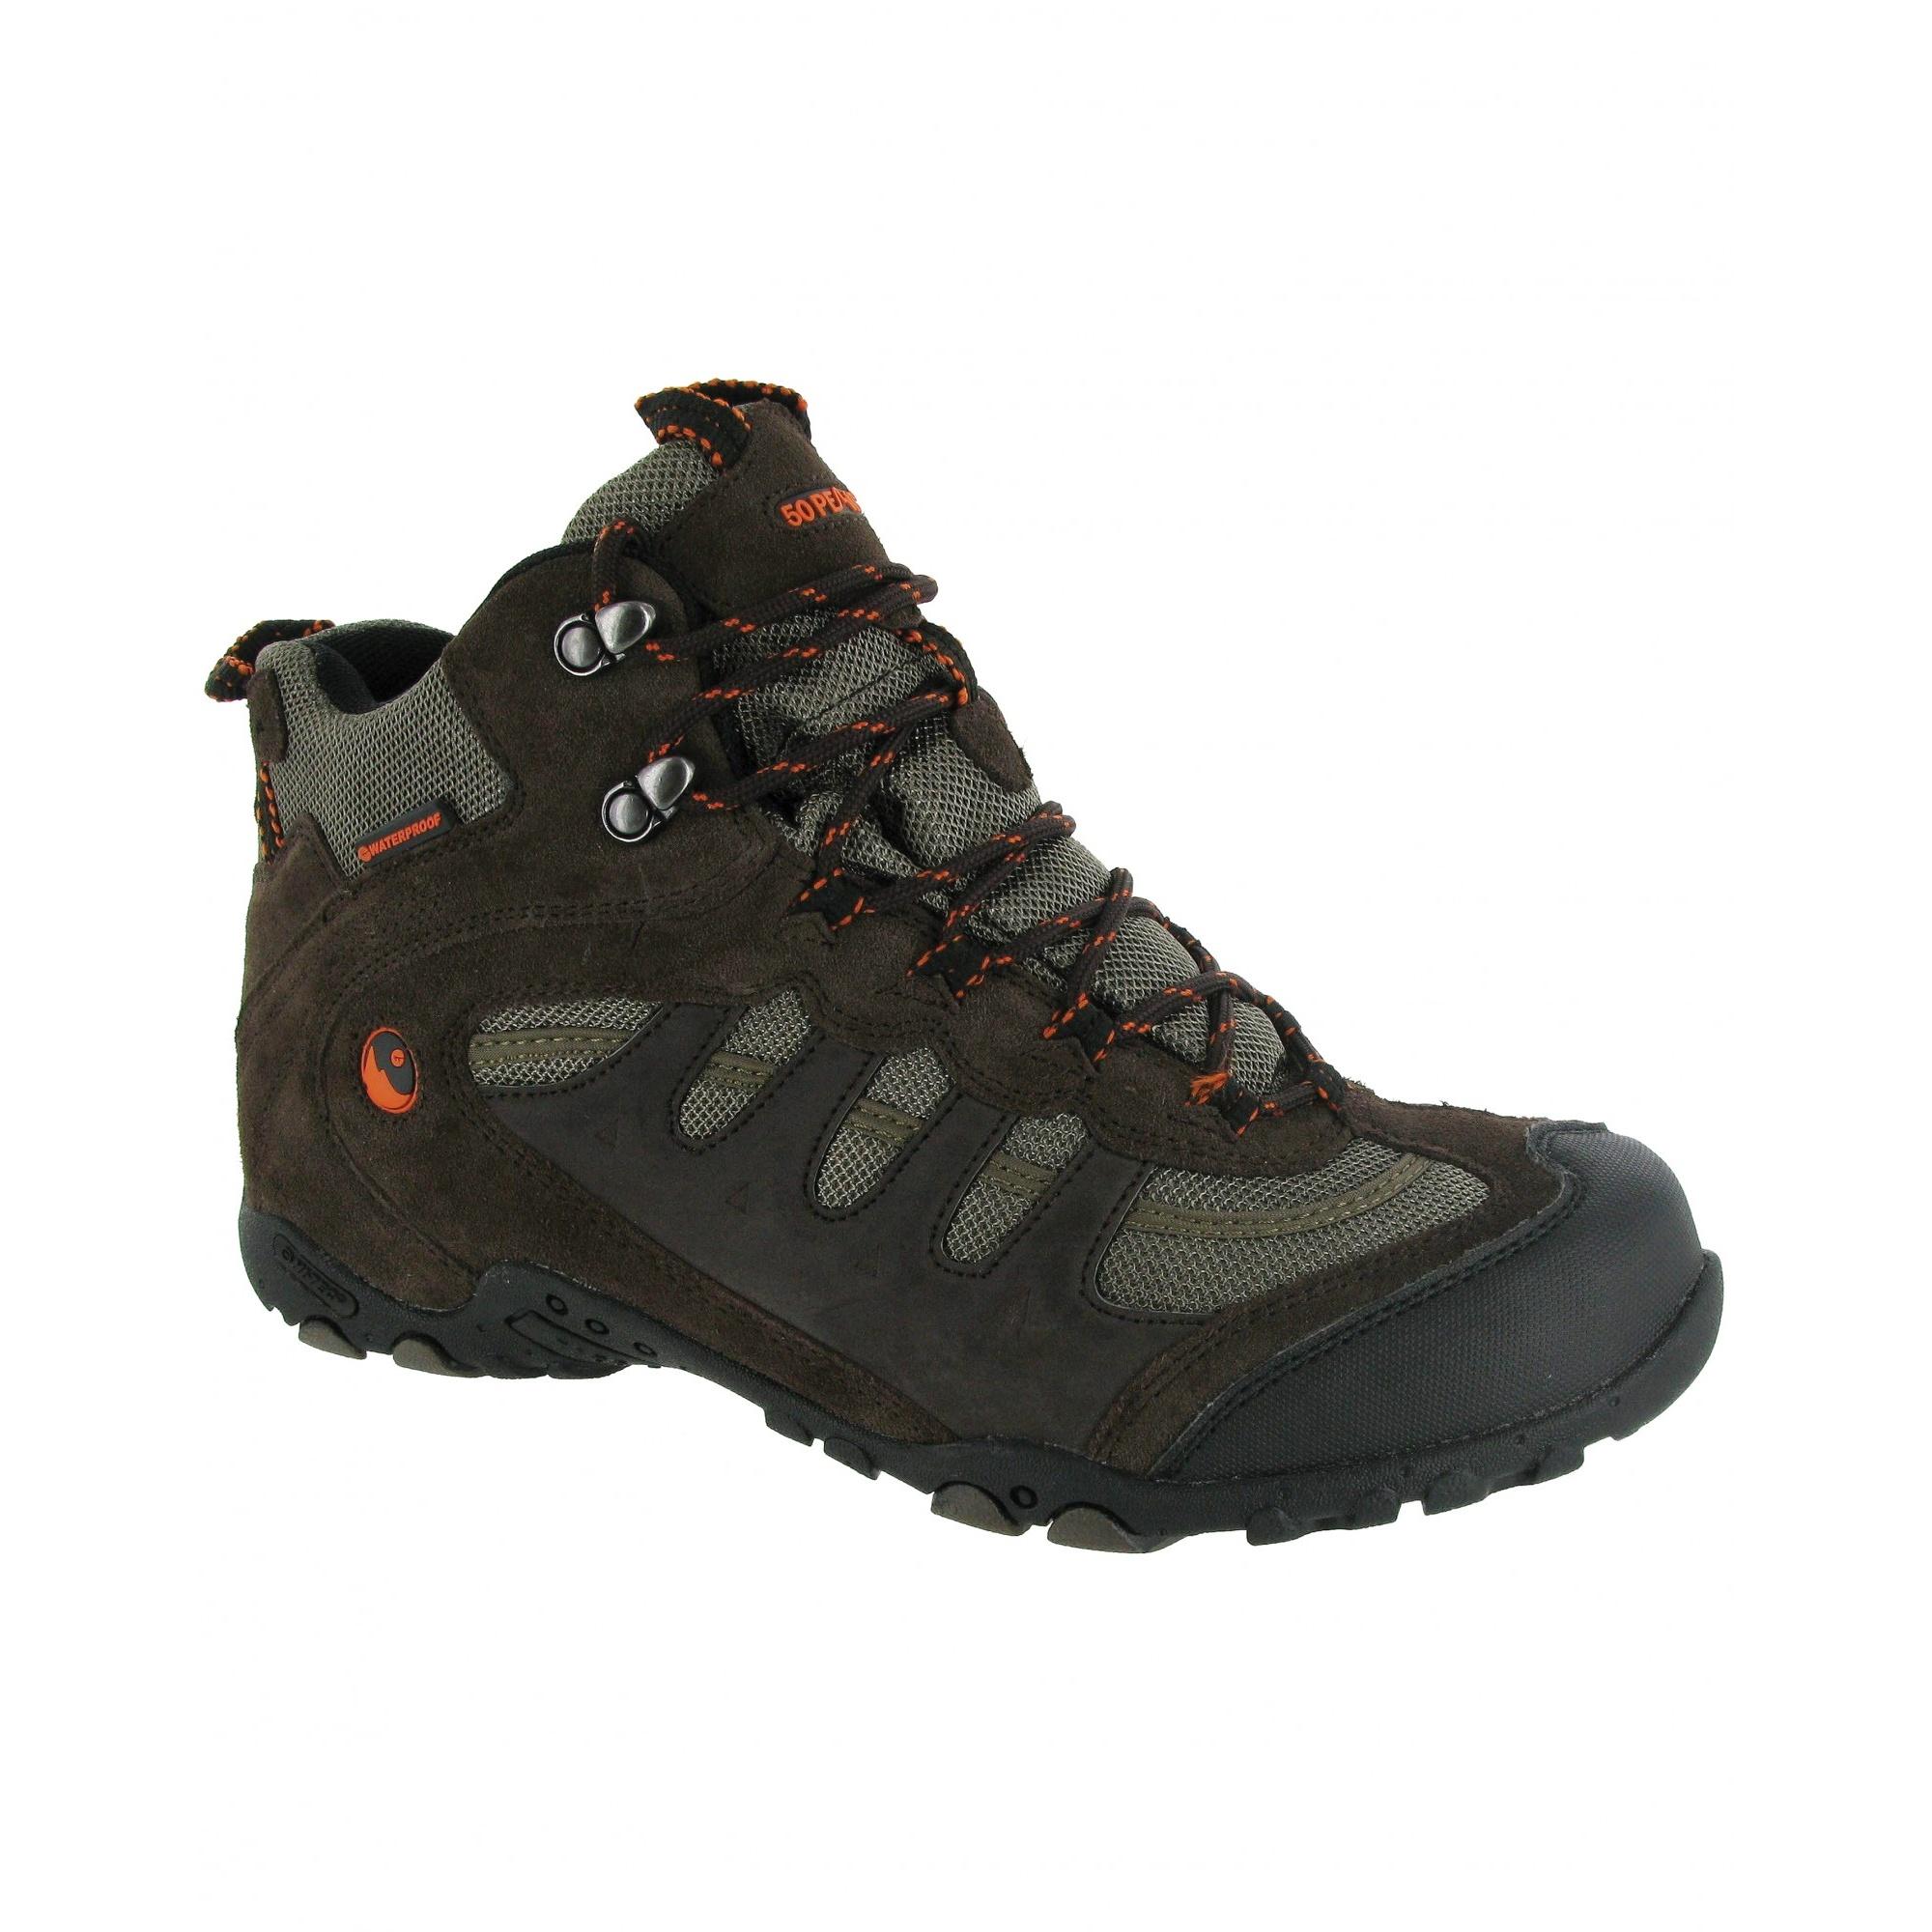 Hi-Tec Herren Penrith Trekking-Schuhe / Wanderstiefel / Wanderschuhe (FS1624)